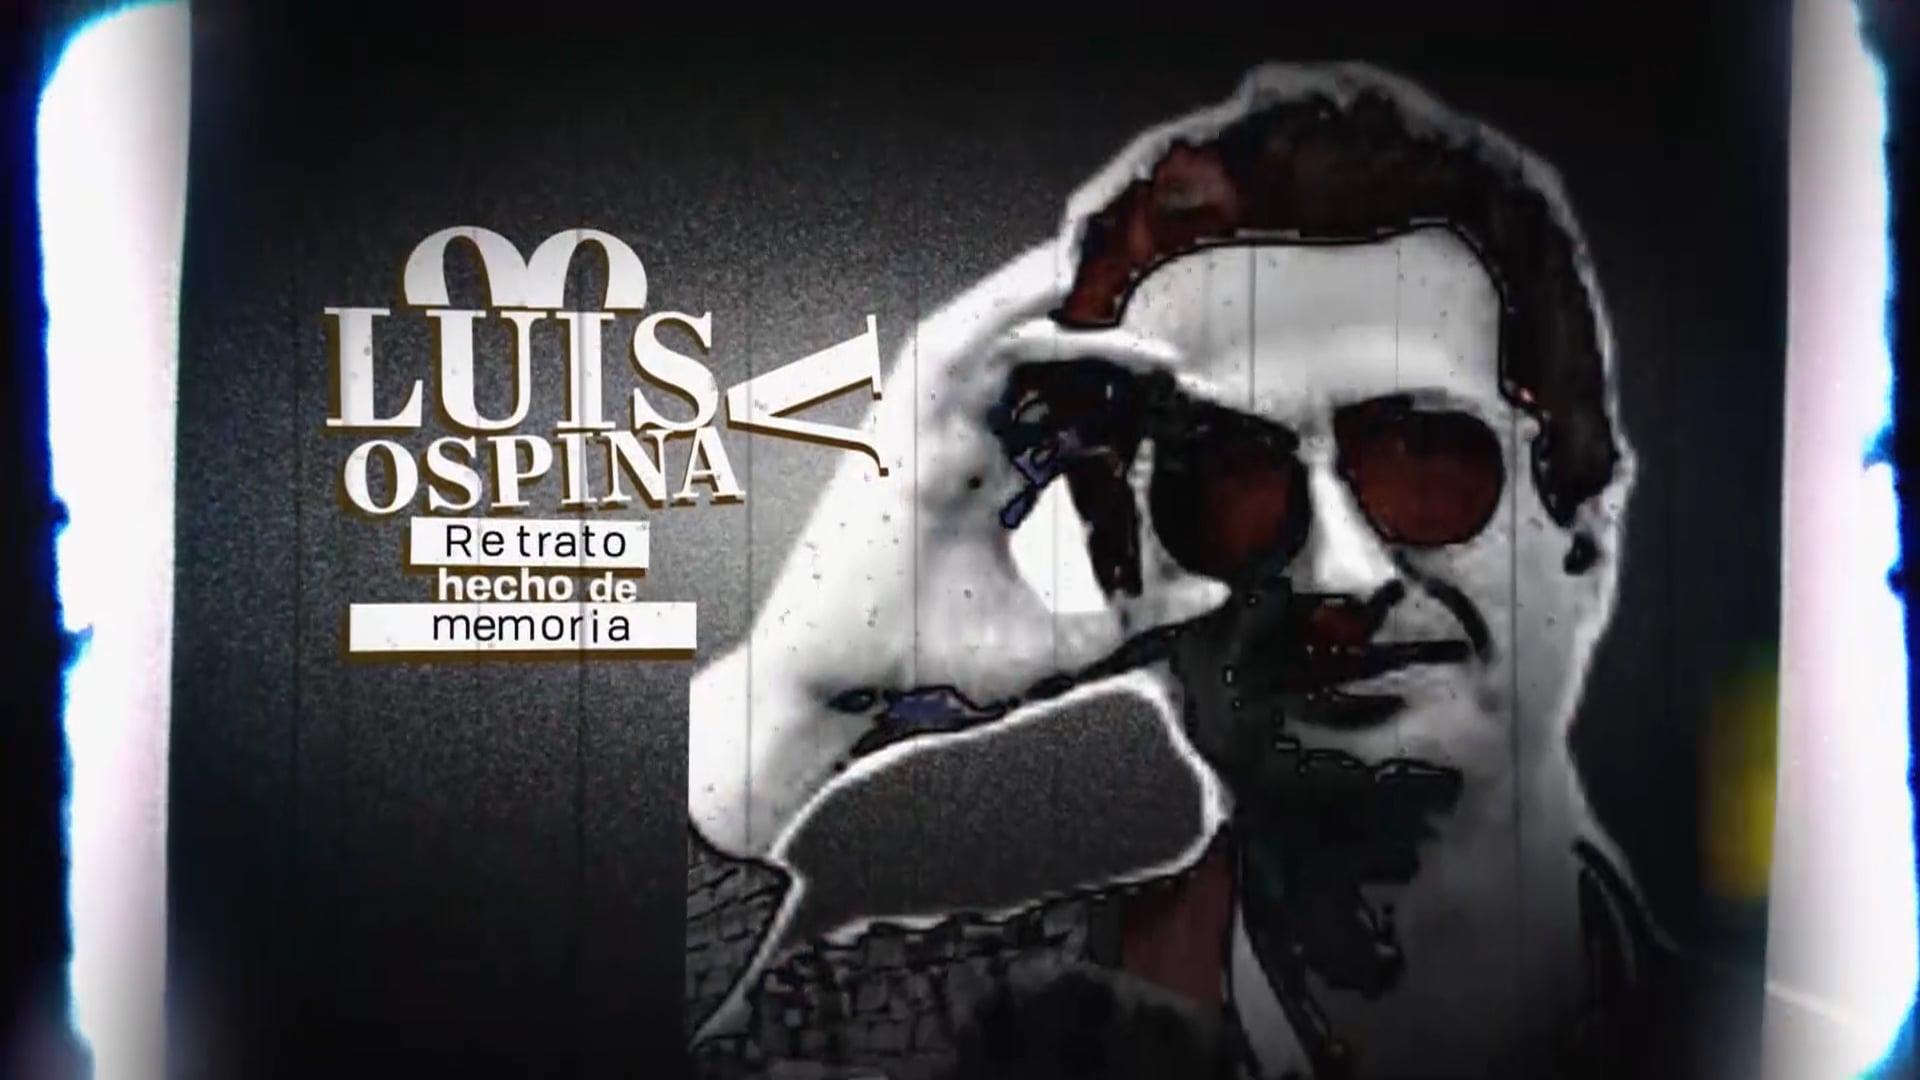 luis-ospina-retrato-hecho-de-memoria-documental